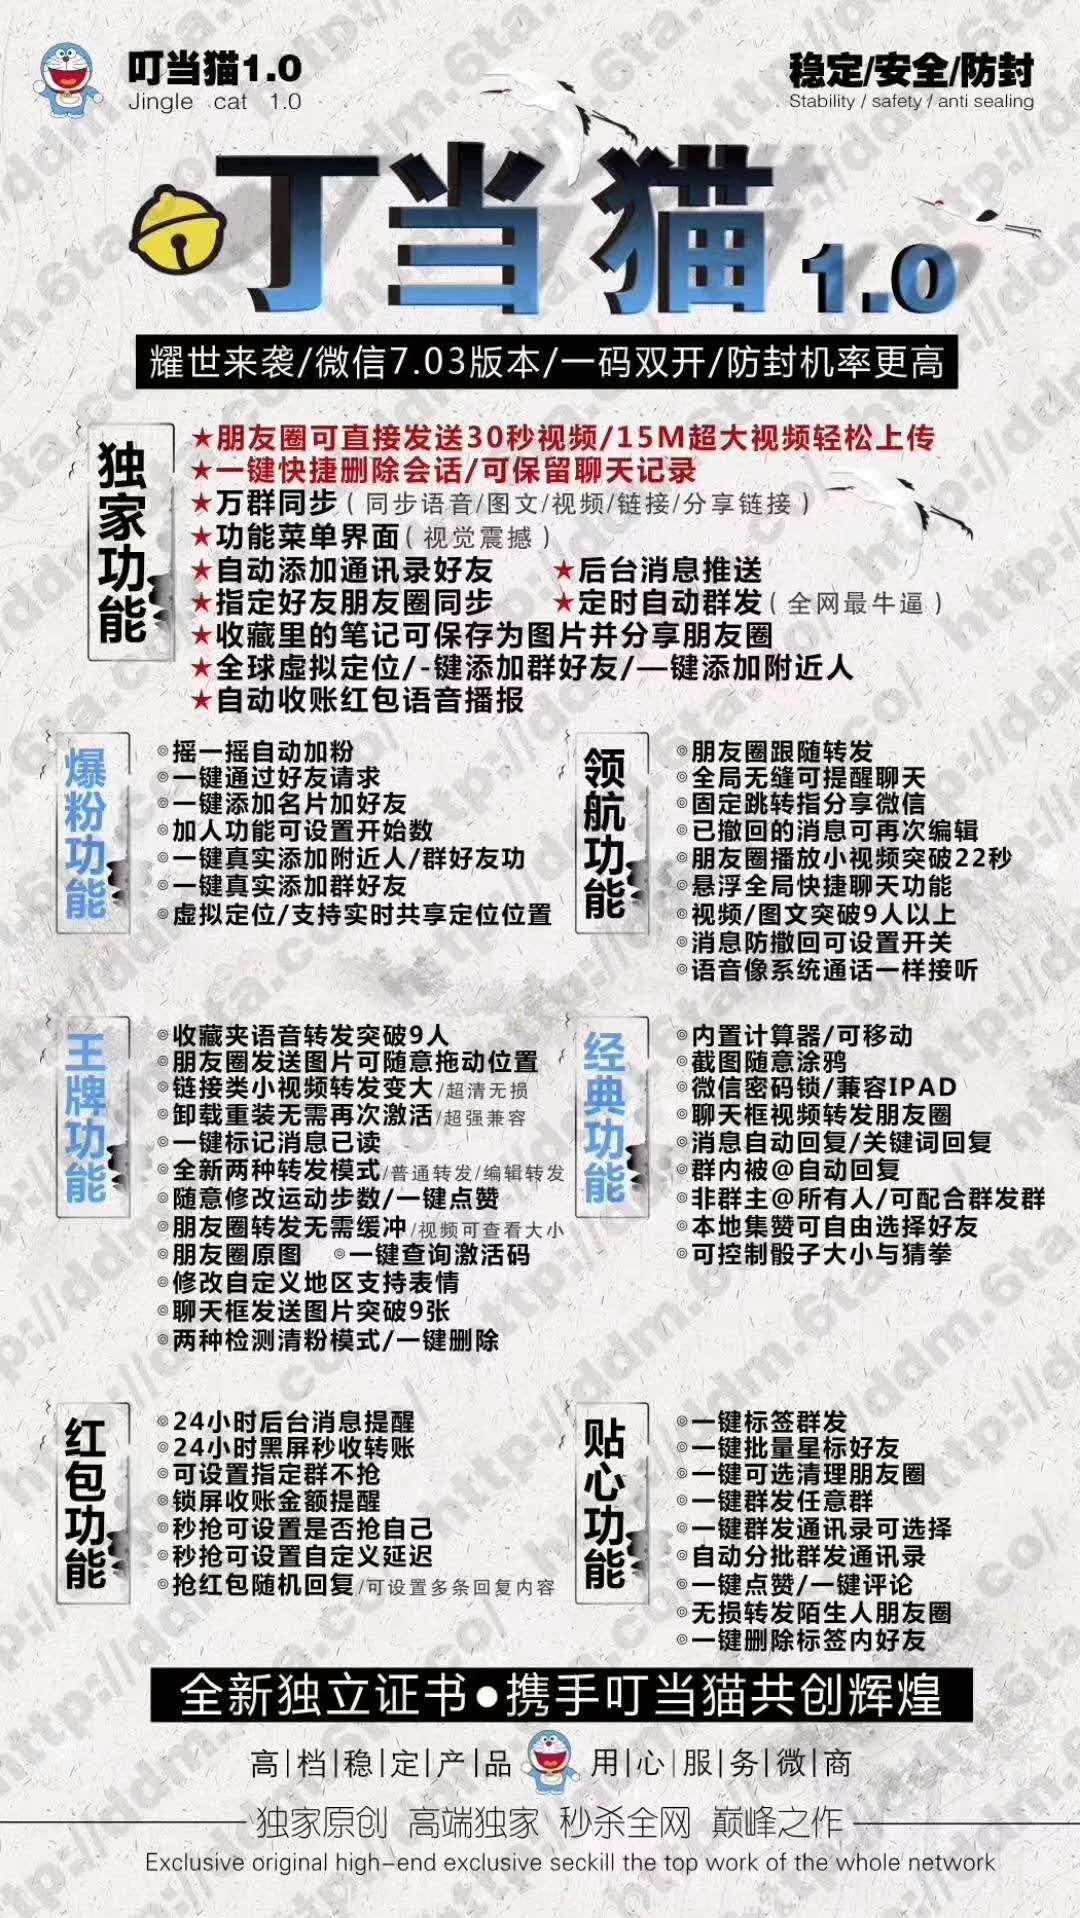 【苹果新叮当猫】独立证书双开稳定防封激活码授权